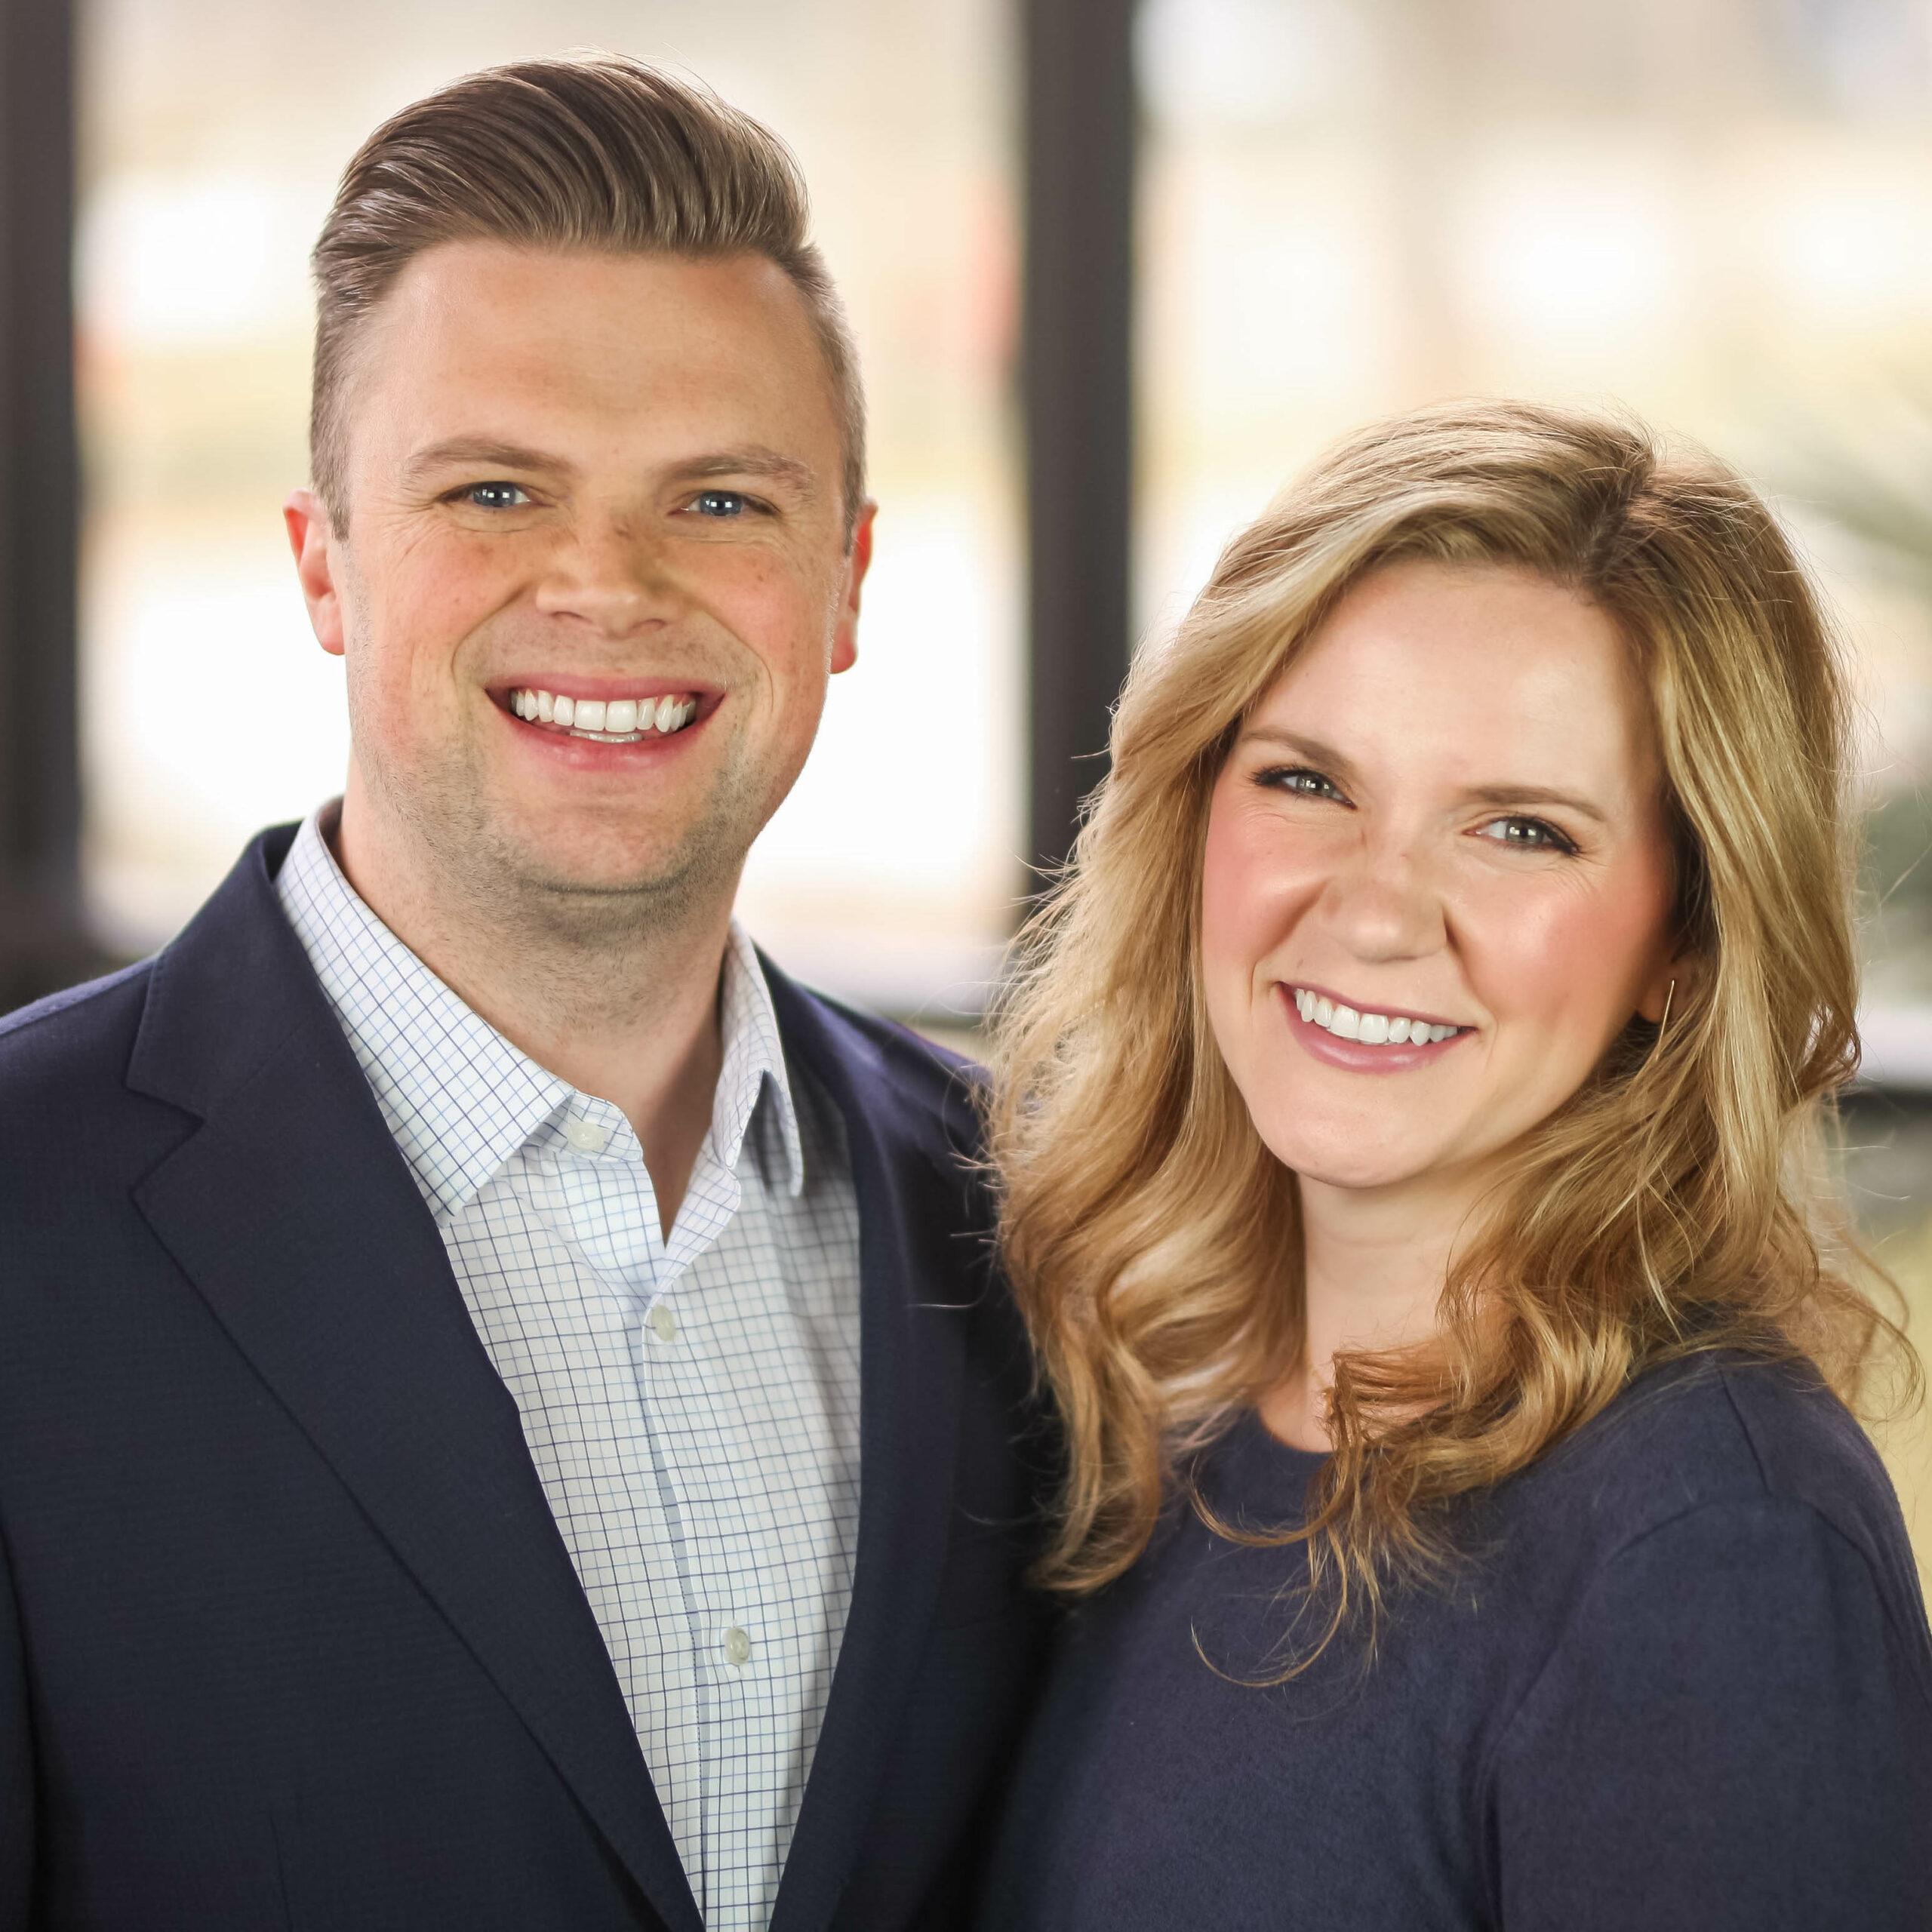 Josh Pierce and Brooke Pierce